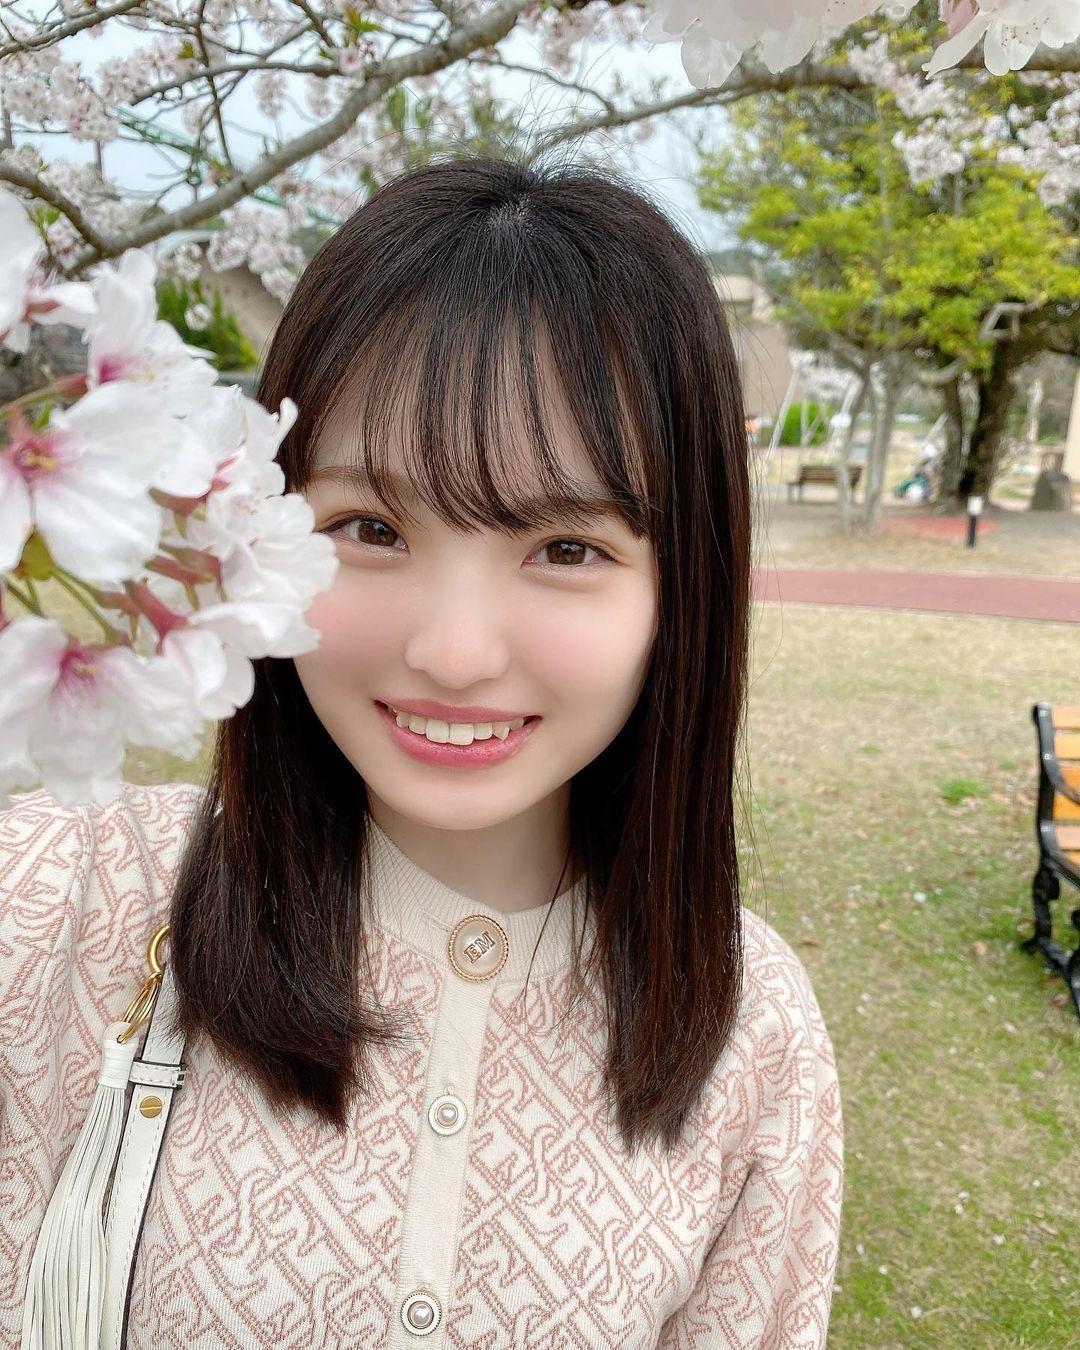 NMB48气质妹系偶像「新泽菜央」,外型萌萌哒身型超级反差萌-新图包